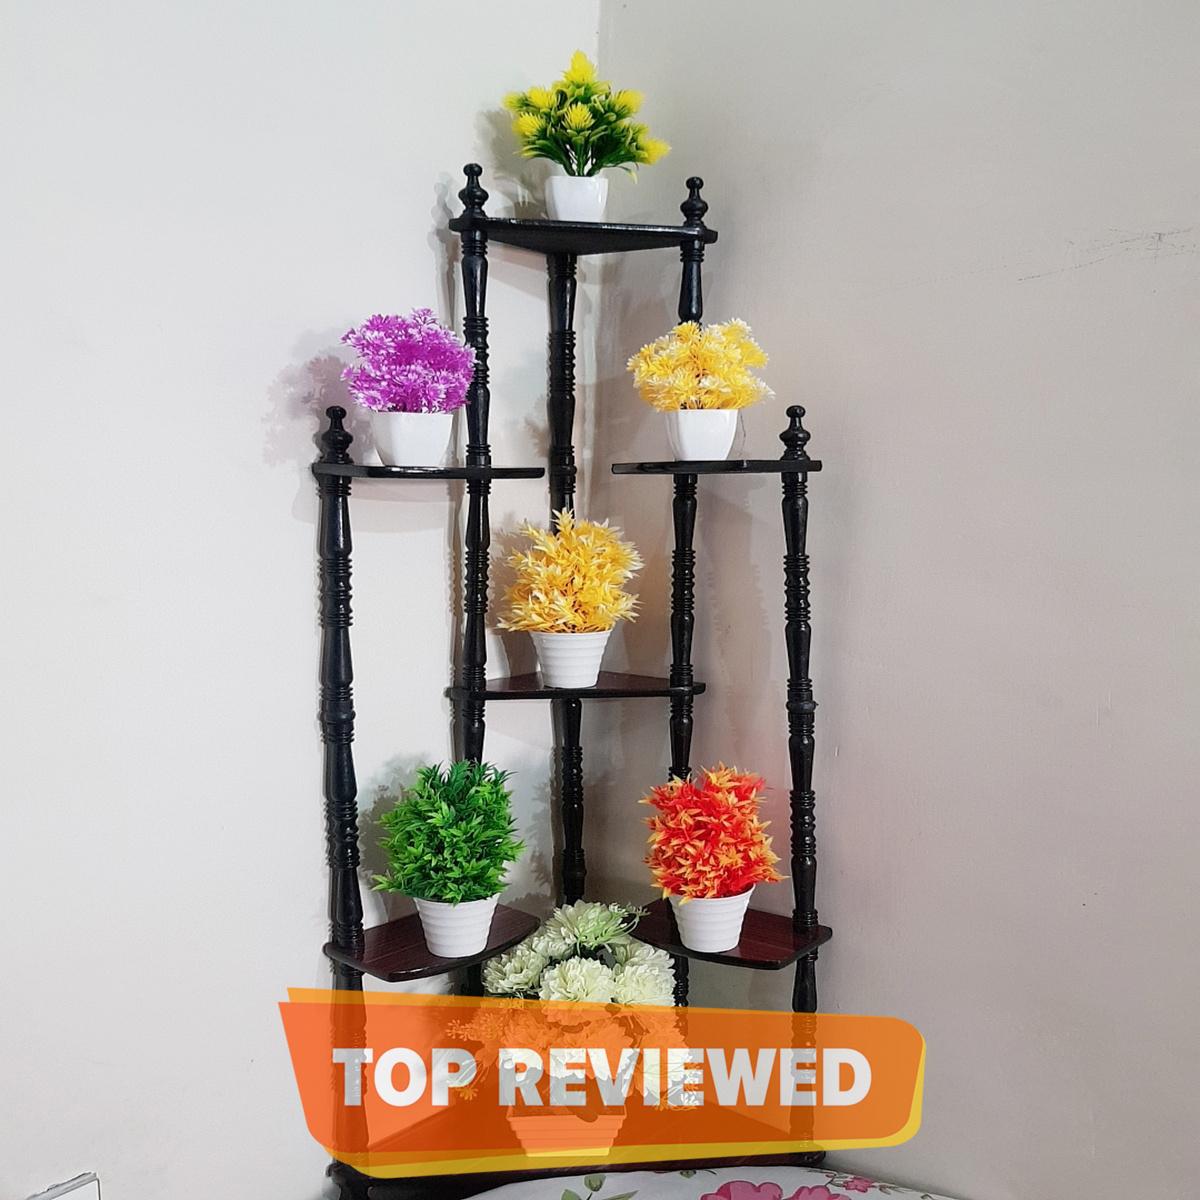 Hot Sale Best Design Decorative Rack 7 Tier Wood Corner Shelf for Living Room